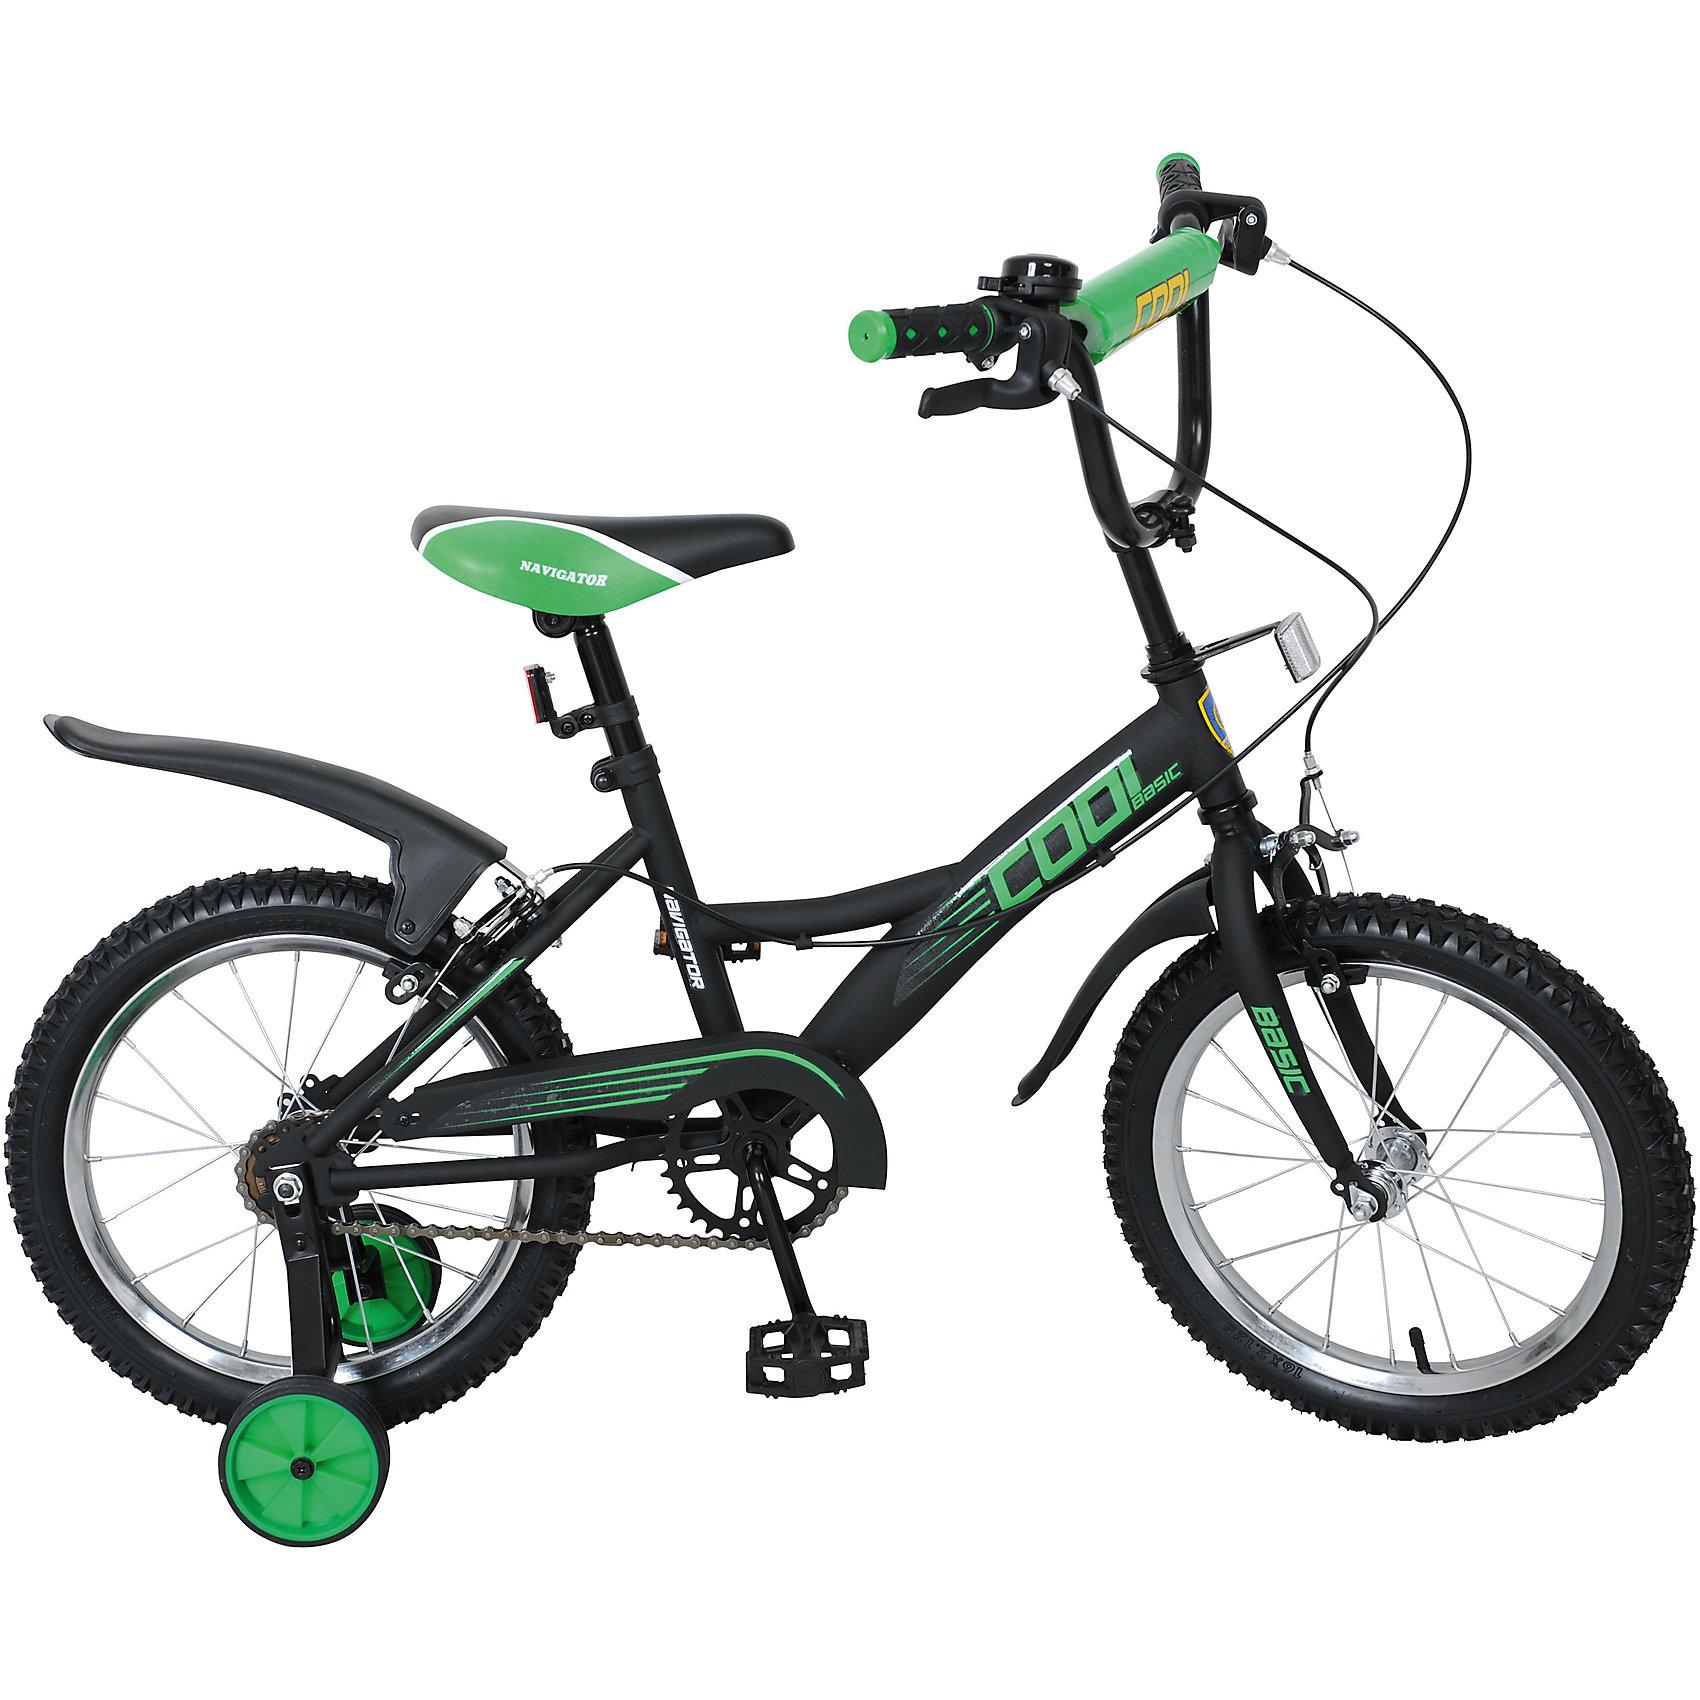 Двухколесный велосипед  Basic COOL KITE, черно-зеленый, NavigatorДвухколесный велосипед Basic COOL KITE, черно-зеленый, Navigator (Навигатор)<br><br>Характеристики:<br><br>• съемные, широкие страховочные колеса<br>• руль с мягкой накладкой<br>• звонок<br>• багажник<br>• регулируемая высота сиденья и руля<br>• односоставной шатун<br>• колеса из прочной резины<br>• диаметр колес: 16 дюймов<br>• передний и задний ручной тормоз<br>• защита цепи<br>• стальная рама<br>• рост ребенка: 100-125 см<br>• материал: металл, пластик, резина<br>• размер упаковки: 17х42х890 см<br>• вес: 10,8 кг<br>• цвет: черно-зеленый<br><br>Двухколесный велосипед Basic COOL KITE подарит много положительных эмоций во время поездки. Для комфорта ребенка предусмотрены плоские педали, изогнутая форма руля, а также регулируемая высота сиденья. Велосипед оснащен передним и задним тормозом. <br><br>Широкие страховочные колеса можно снять, когда ребенок научится ездить самостоятельно. Багажник позволит перевозить любимые игрушки. А звонок добавит радости во время поездки.  Колеса изготовлены из качественной резины. Диаметр колес - 16 дюймов. Сиденье имеет мягкое наполнение, комфортное для ребенка.<br><br>Двухколесный велосипед Basic COOL KITE, черно-зеленый, Navigator (Навигатор) вы можете купить в нашем интернет-магазине.<br><br>Ширина мм: 890<br>Глубина мм: 420<br>Высота мм: 170<br>Вес г: 10800<br>Возраст от месяцев: 60<br>Возраст до месяцев: 2147483647<br>Пол: Унисекс<br>Возраст: Детский<br>SKU: 5440873